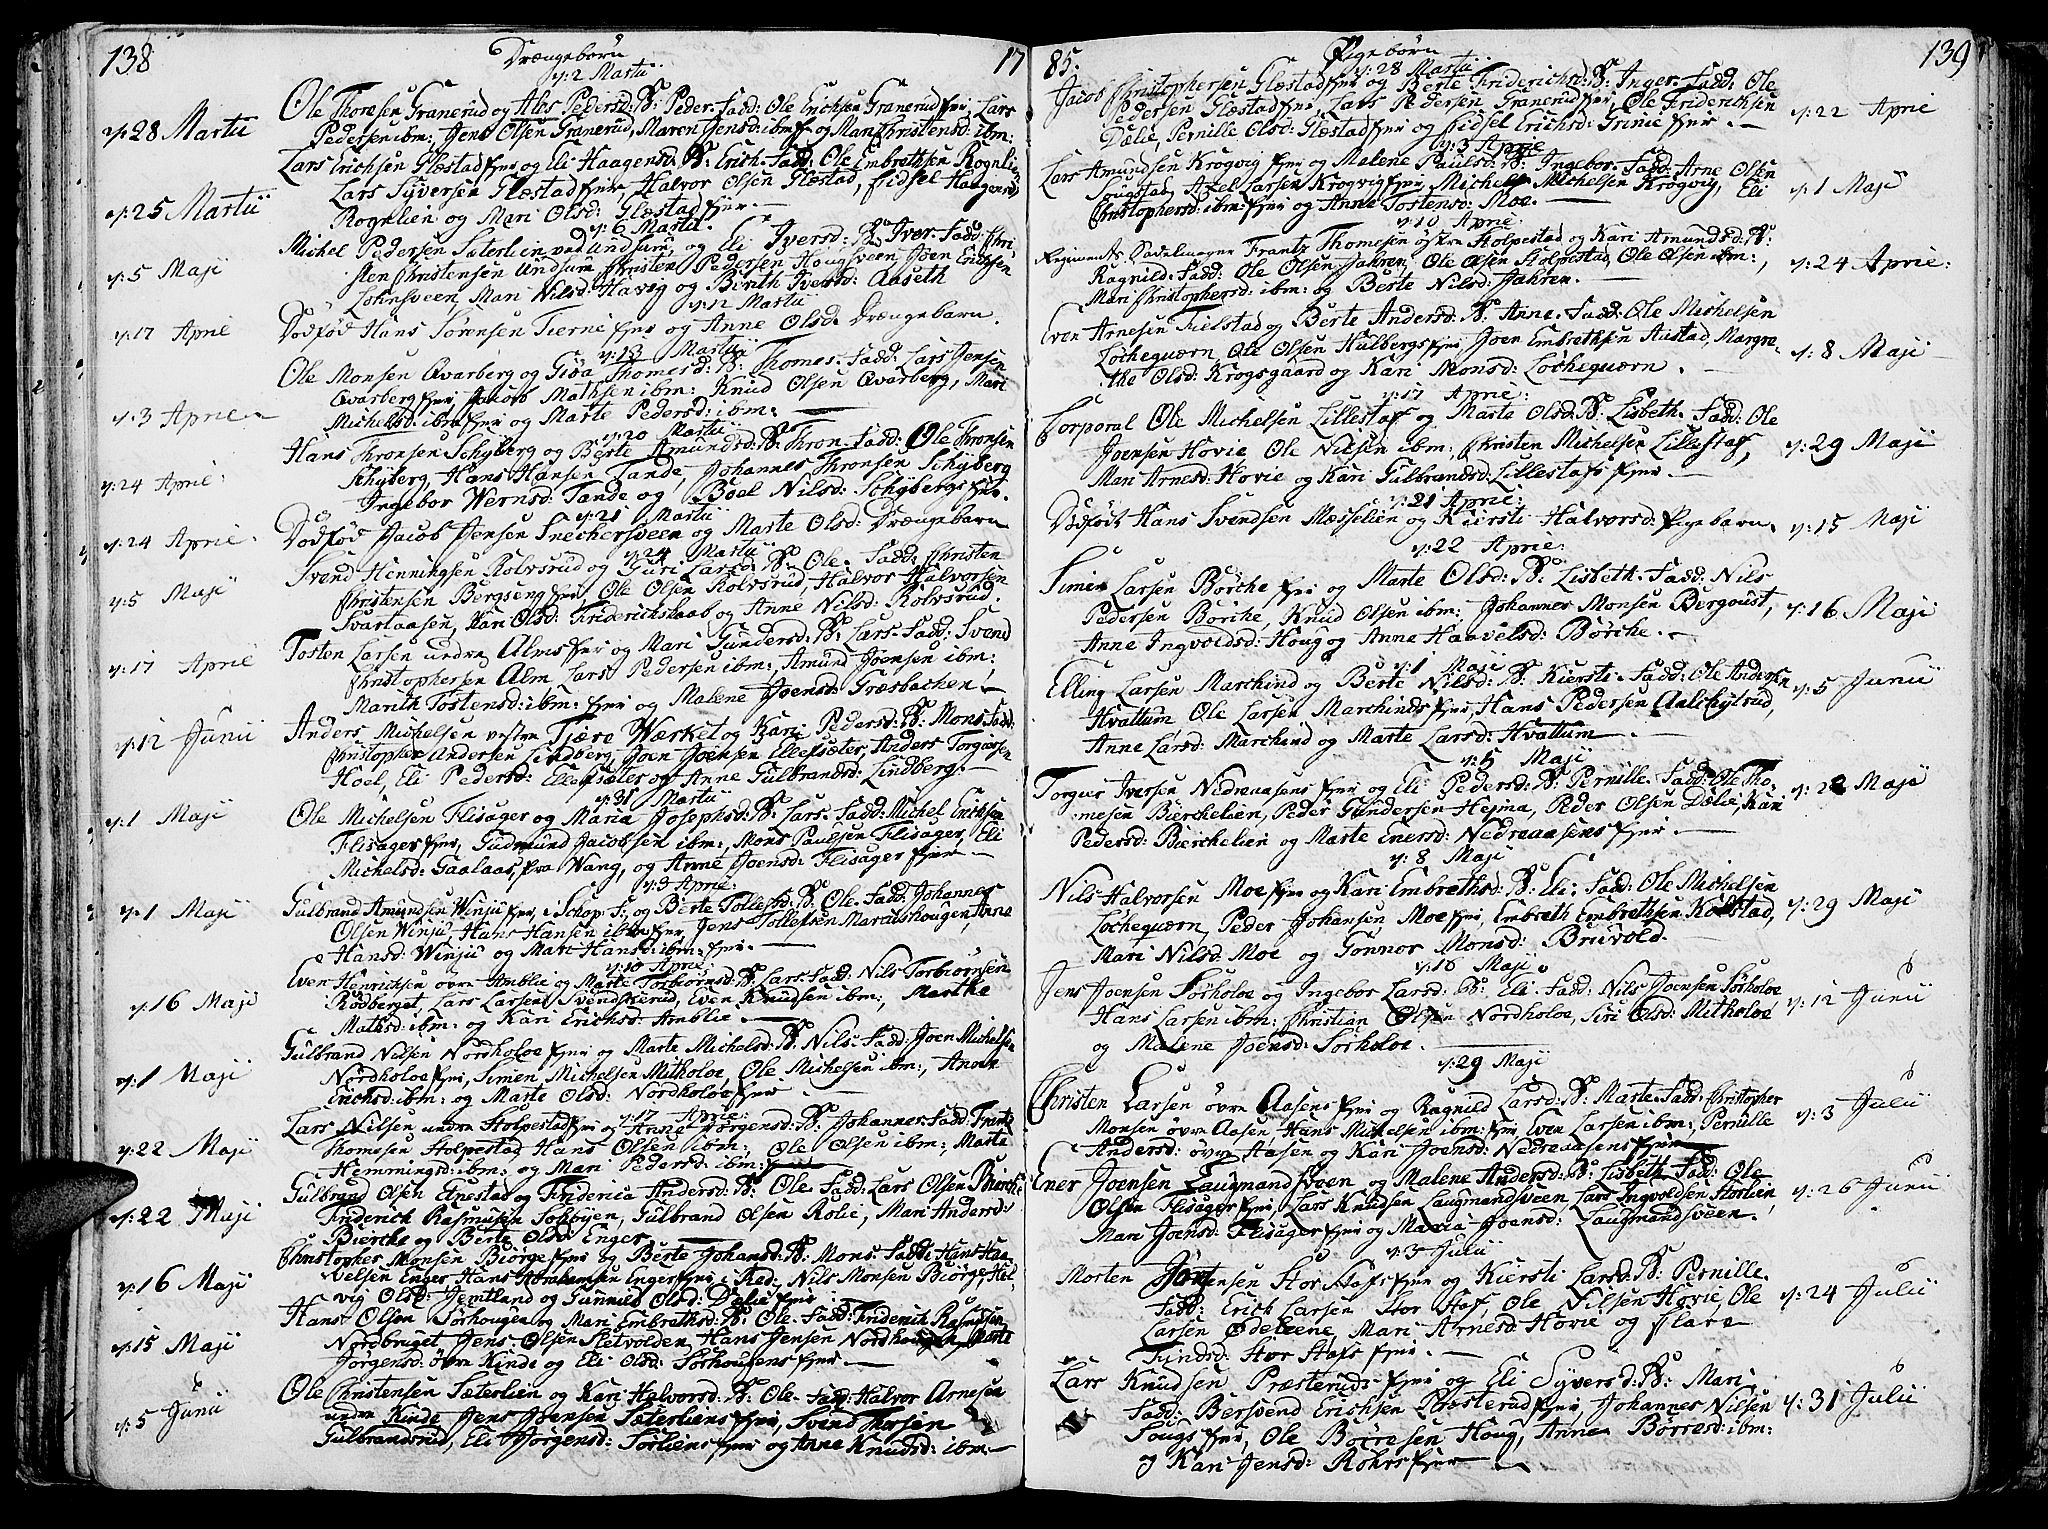 SAH, Ringsaker prestekontor, K/Ka/L0003: Parish register (official) no. 3, 1775-1798, p. 138-139